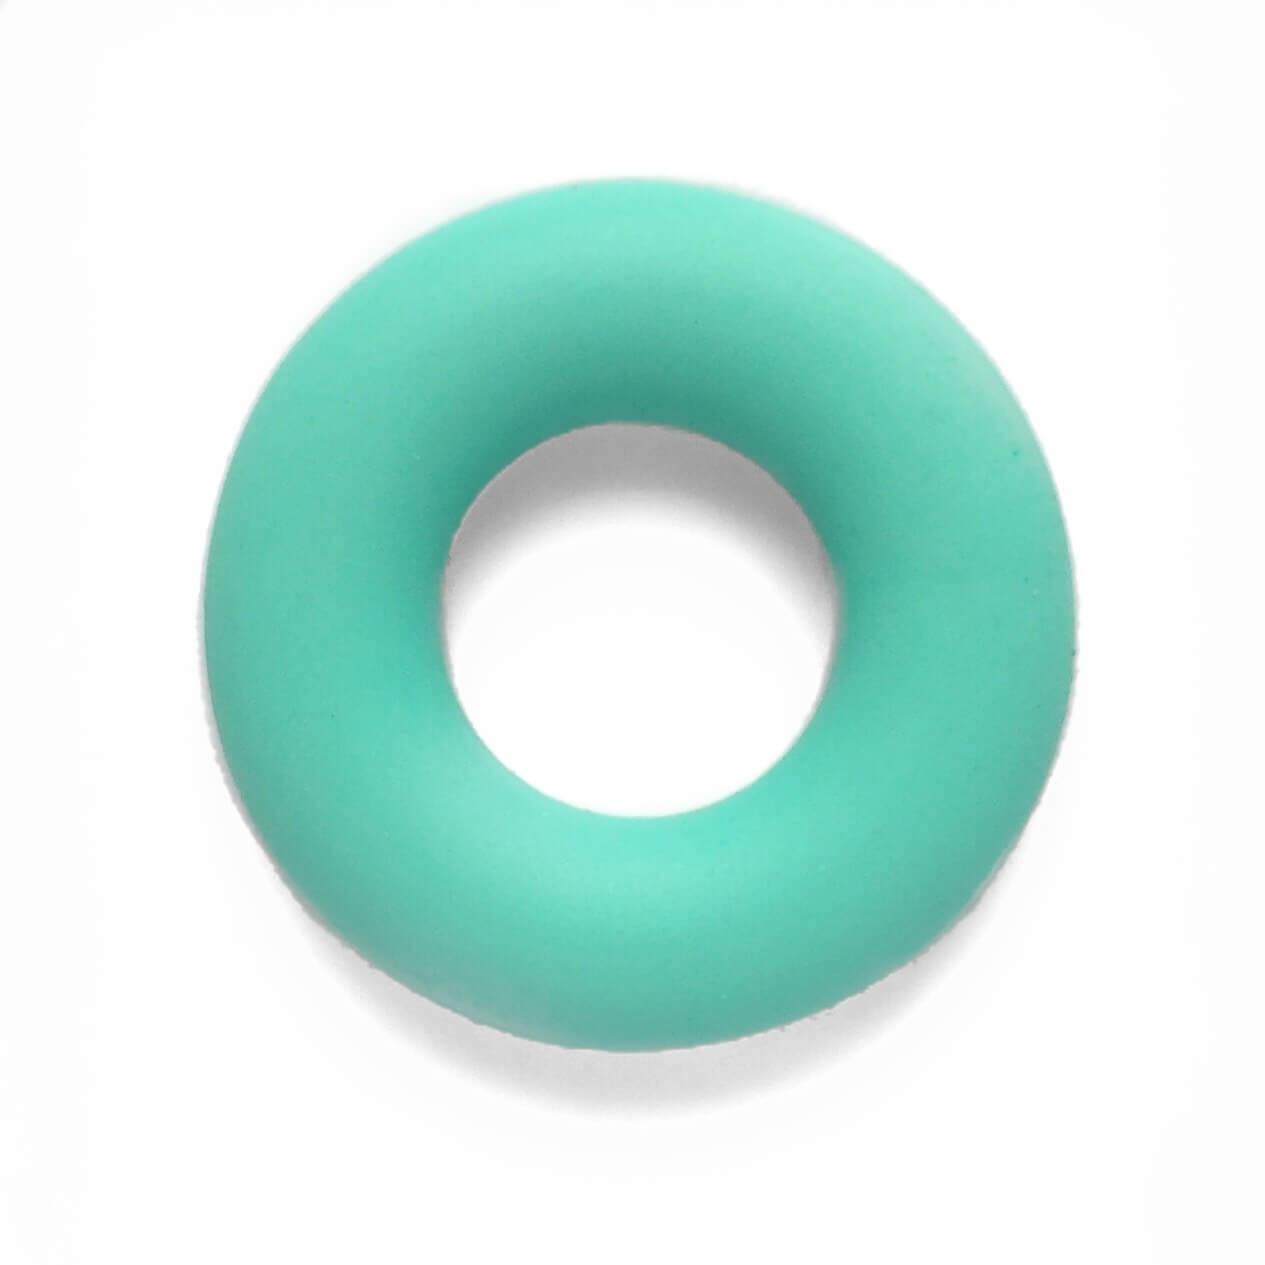 Колечко бублик (бирюза) 43мм, бусины из пищевого силикона